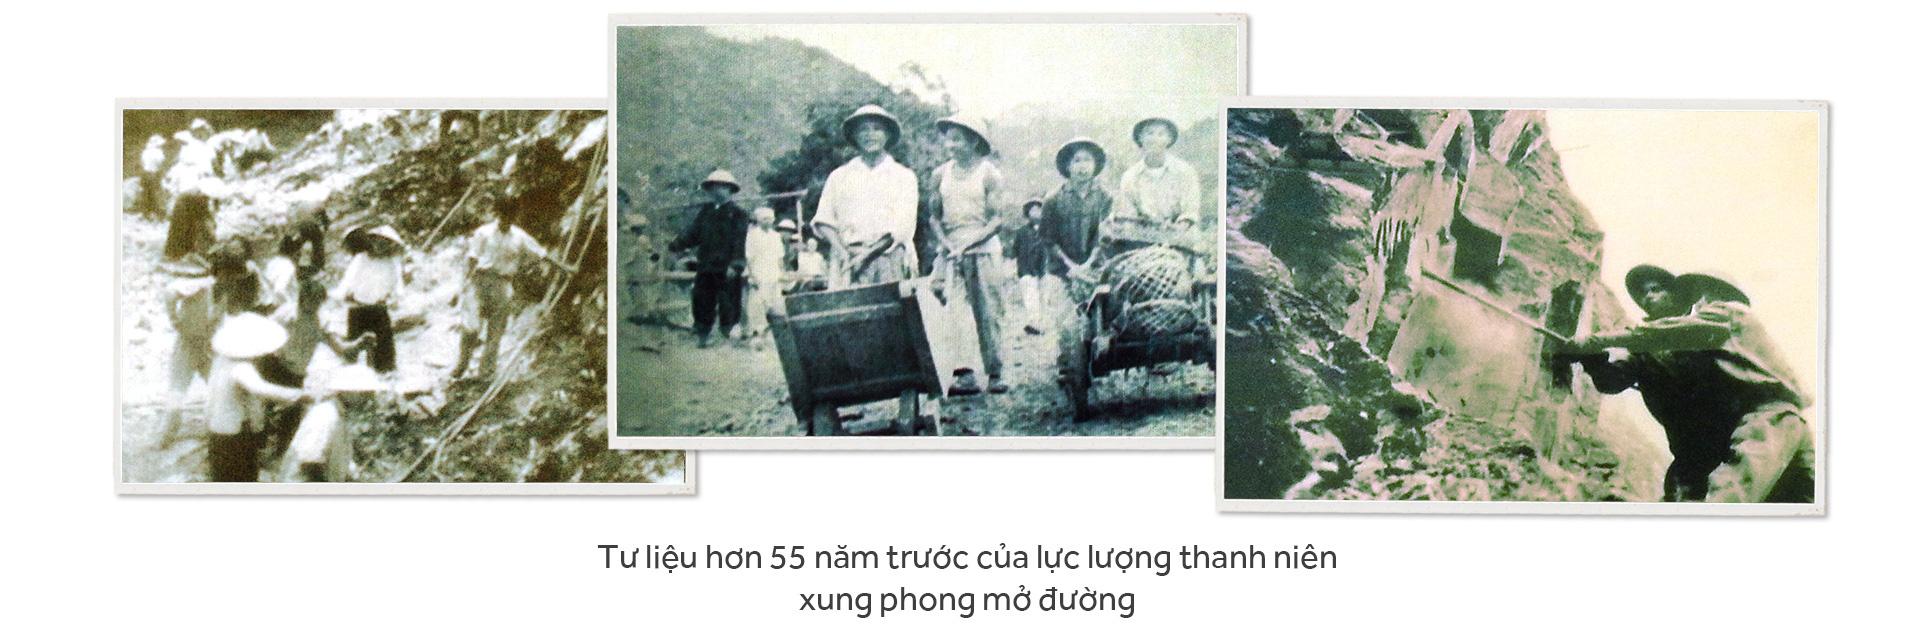 55 năm Cung đường Hạnh Phúc trên trập trùng núi đá Hà Giang - Ảnh 5.